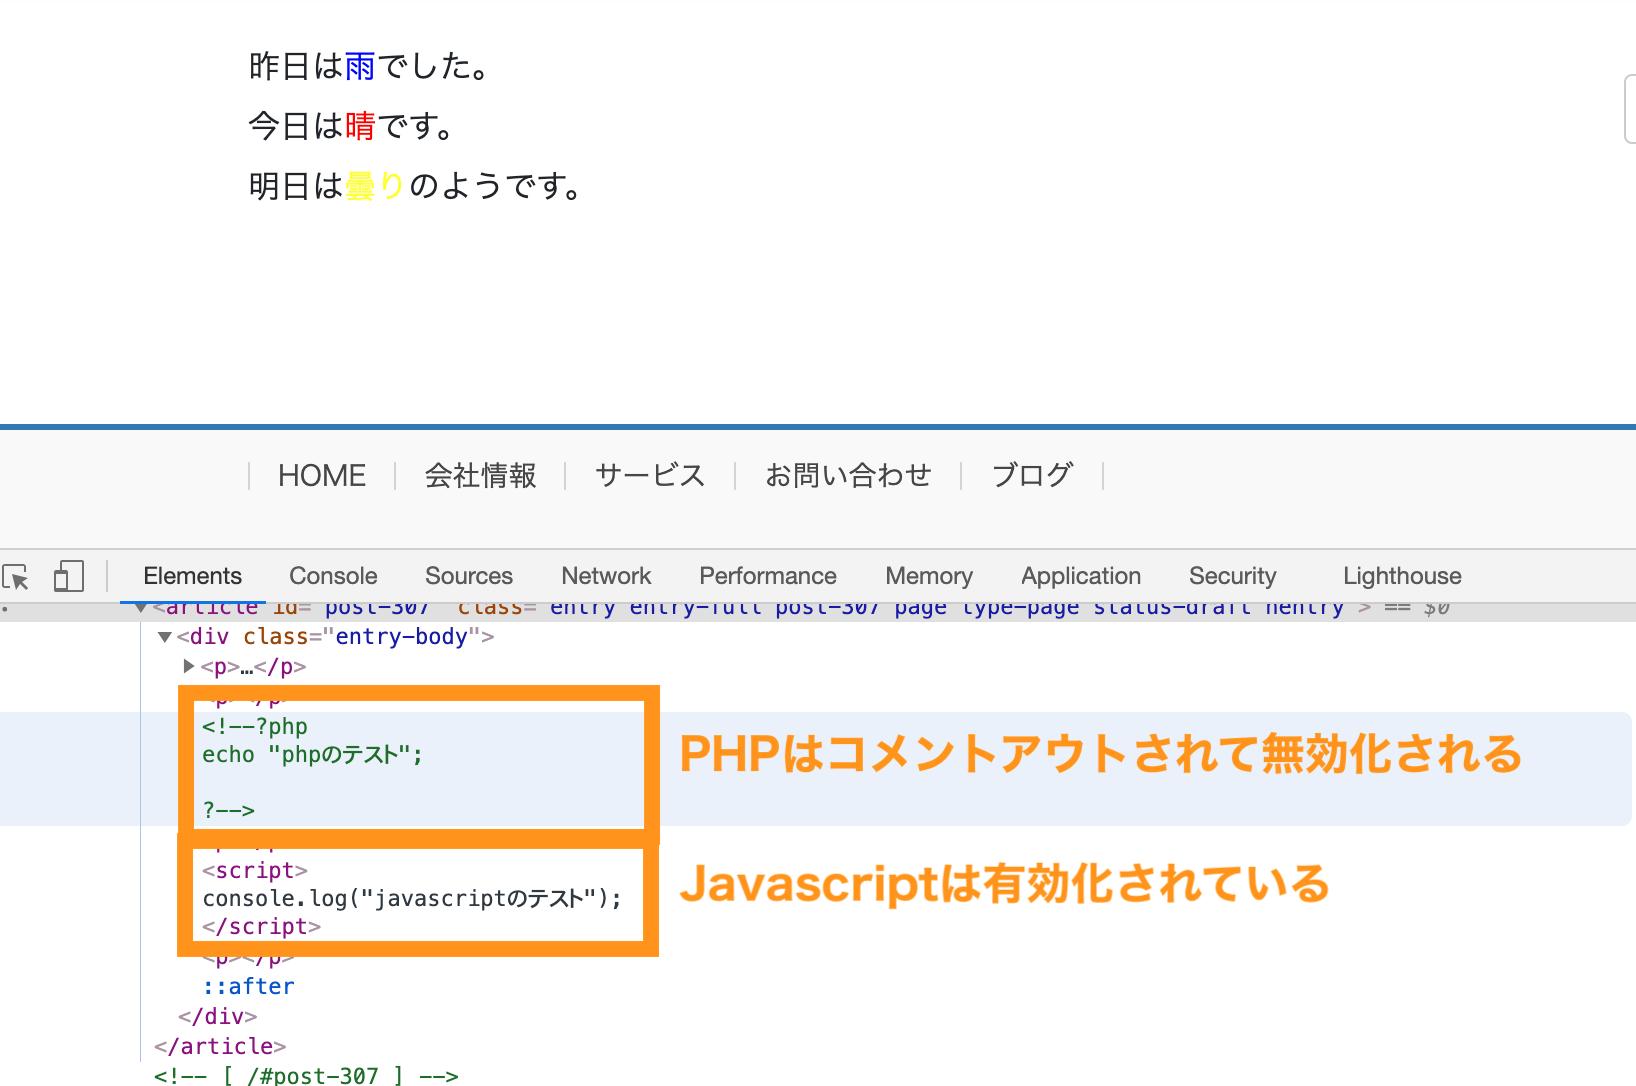 Chrome検証ツール。Javascriptは有効化されている。PHPはコメントアウトされて無効化される。